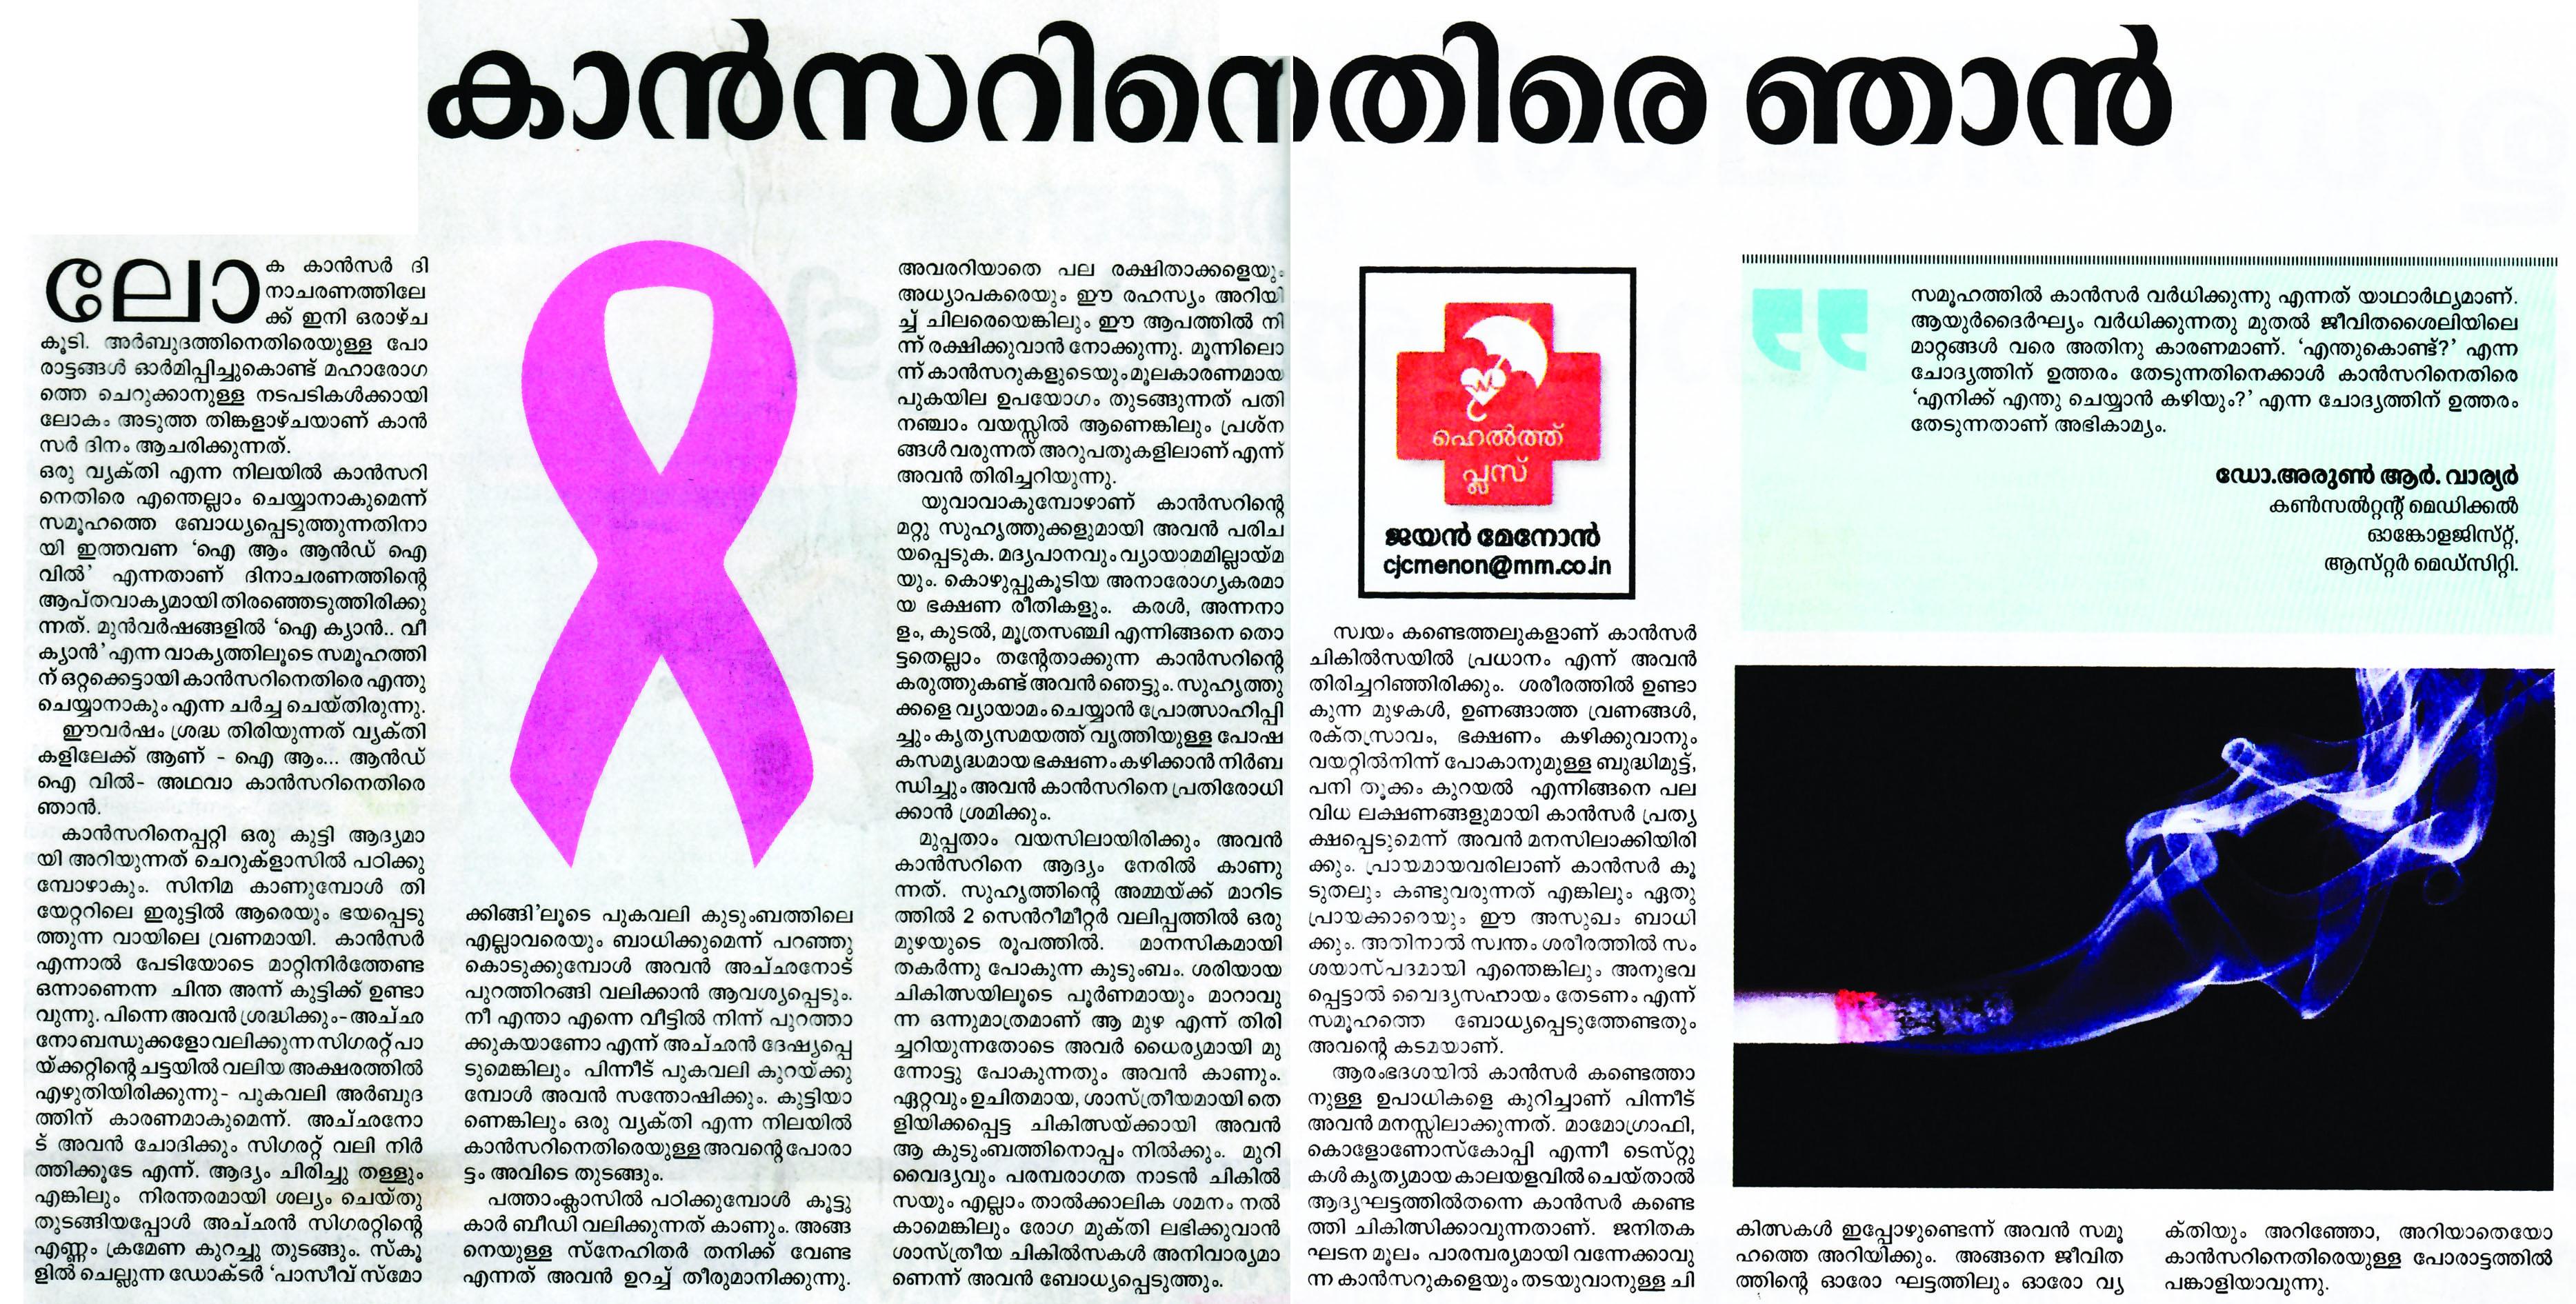 Aster-Malayalamanoramabusinesspage4